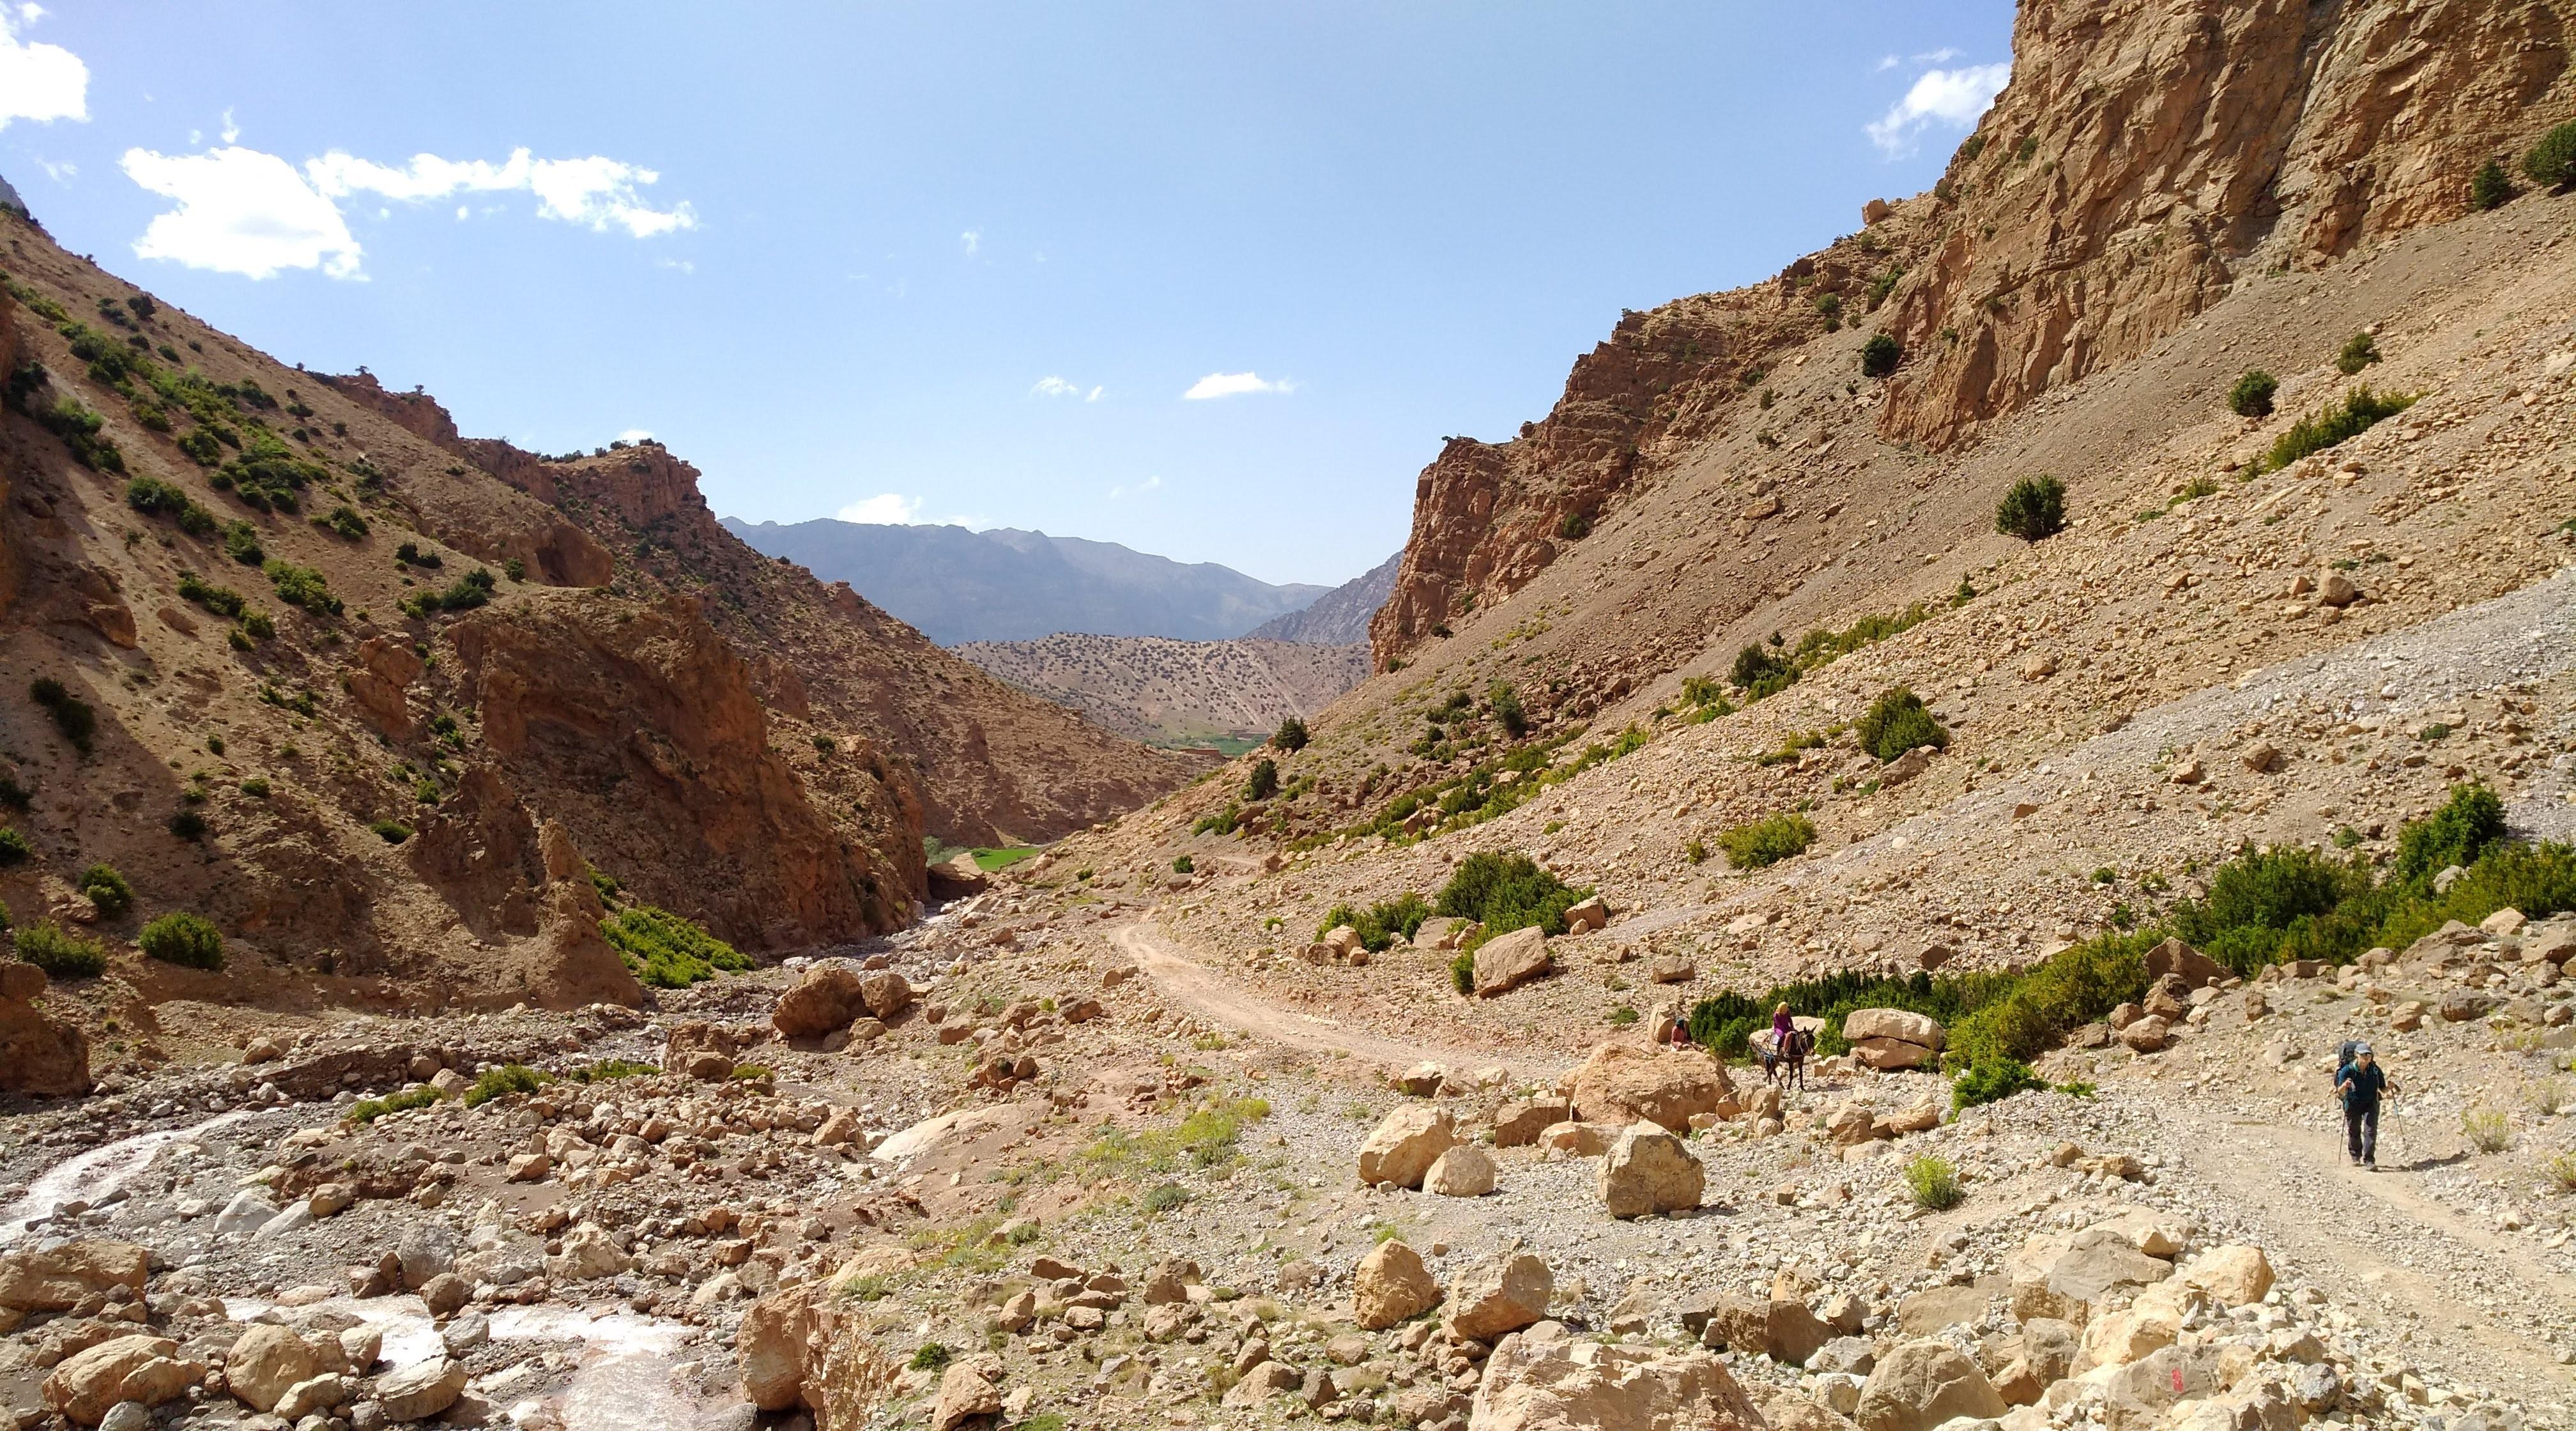 Montagne Désert Maroc Montagne Désert Maroc Montagne Désert Maroc Montagne Désert Maroc Montagne Dés